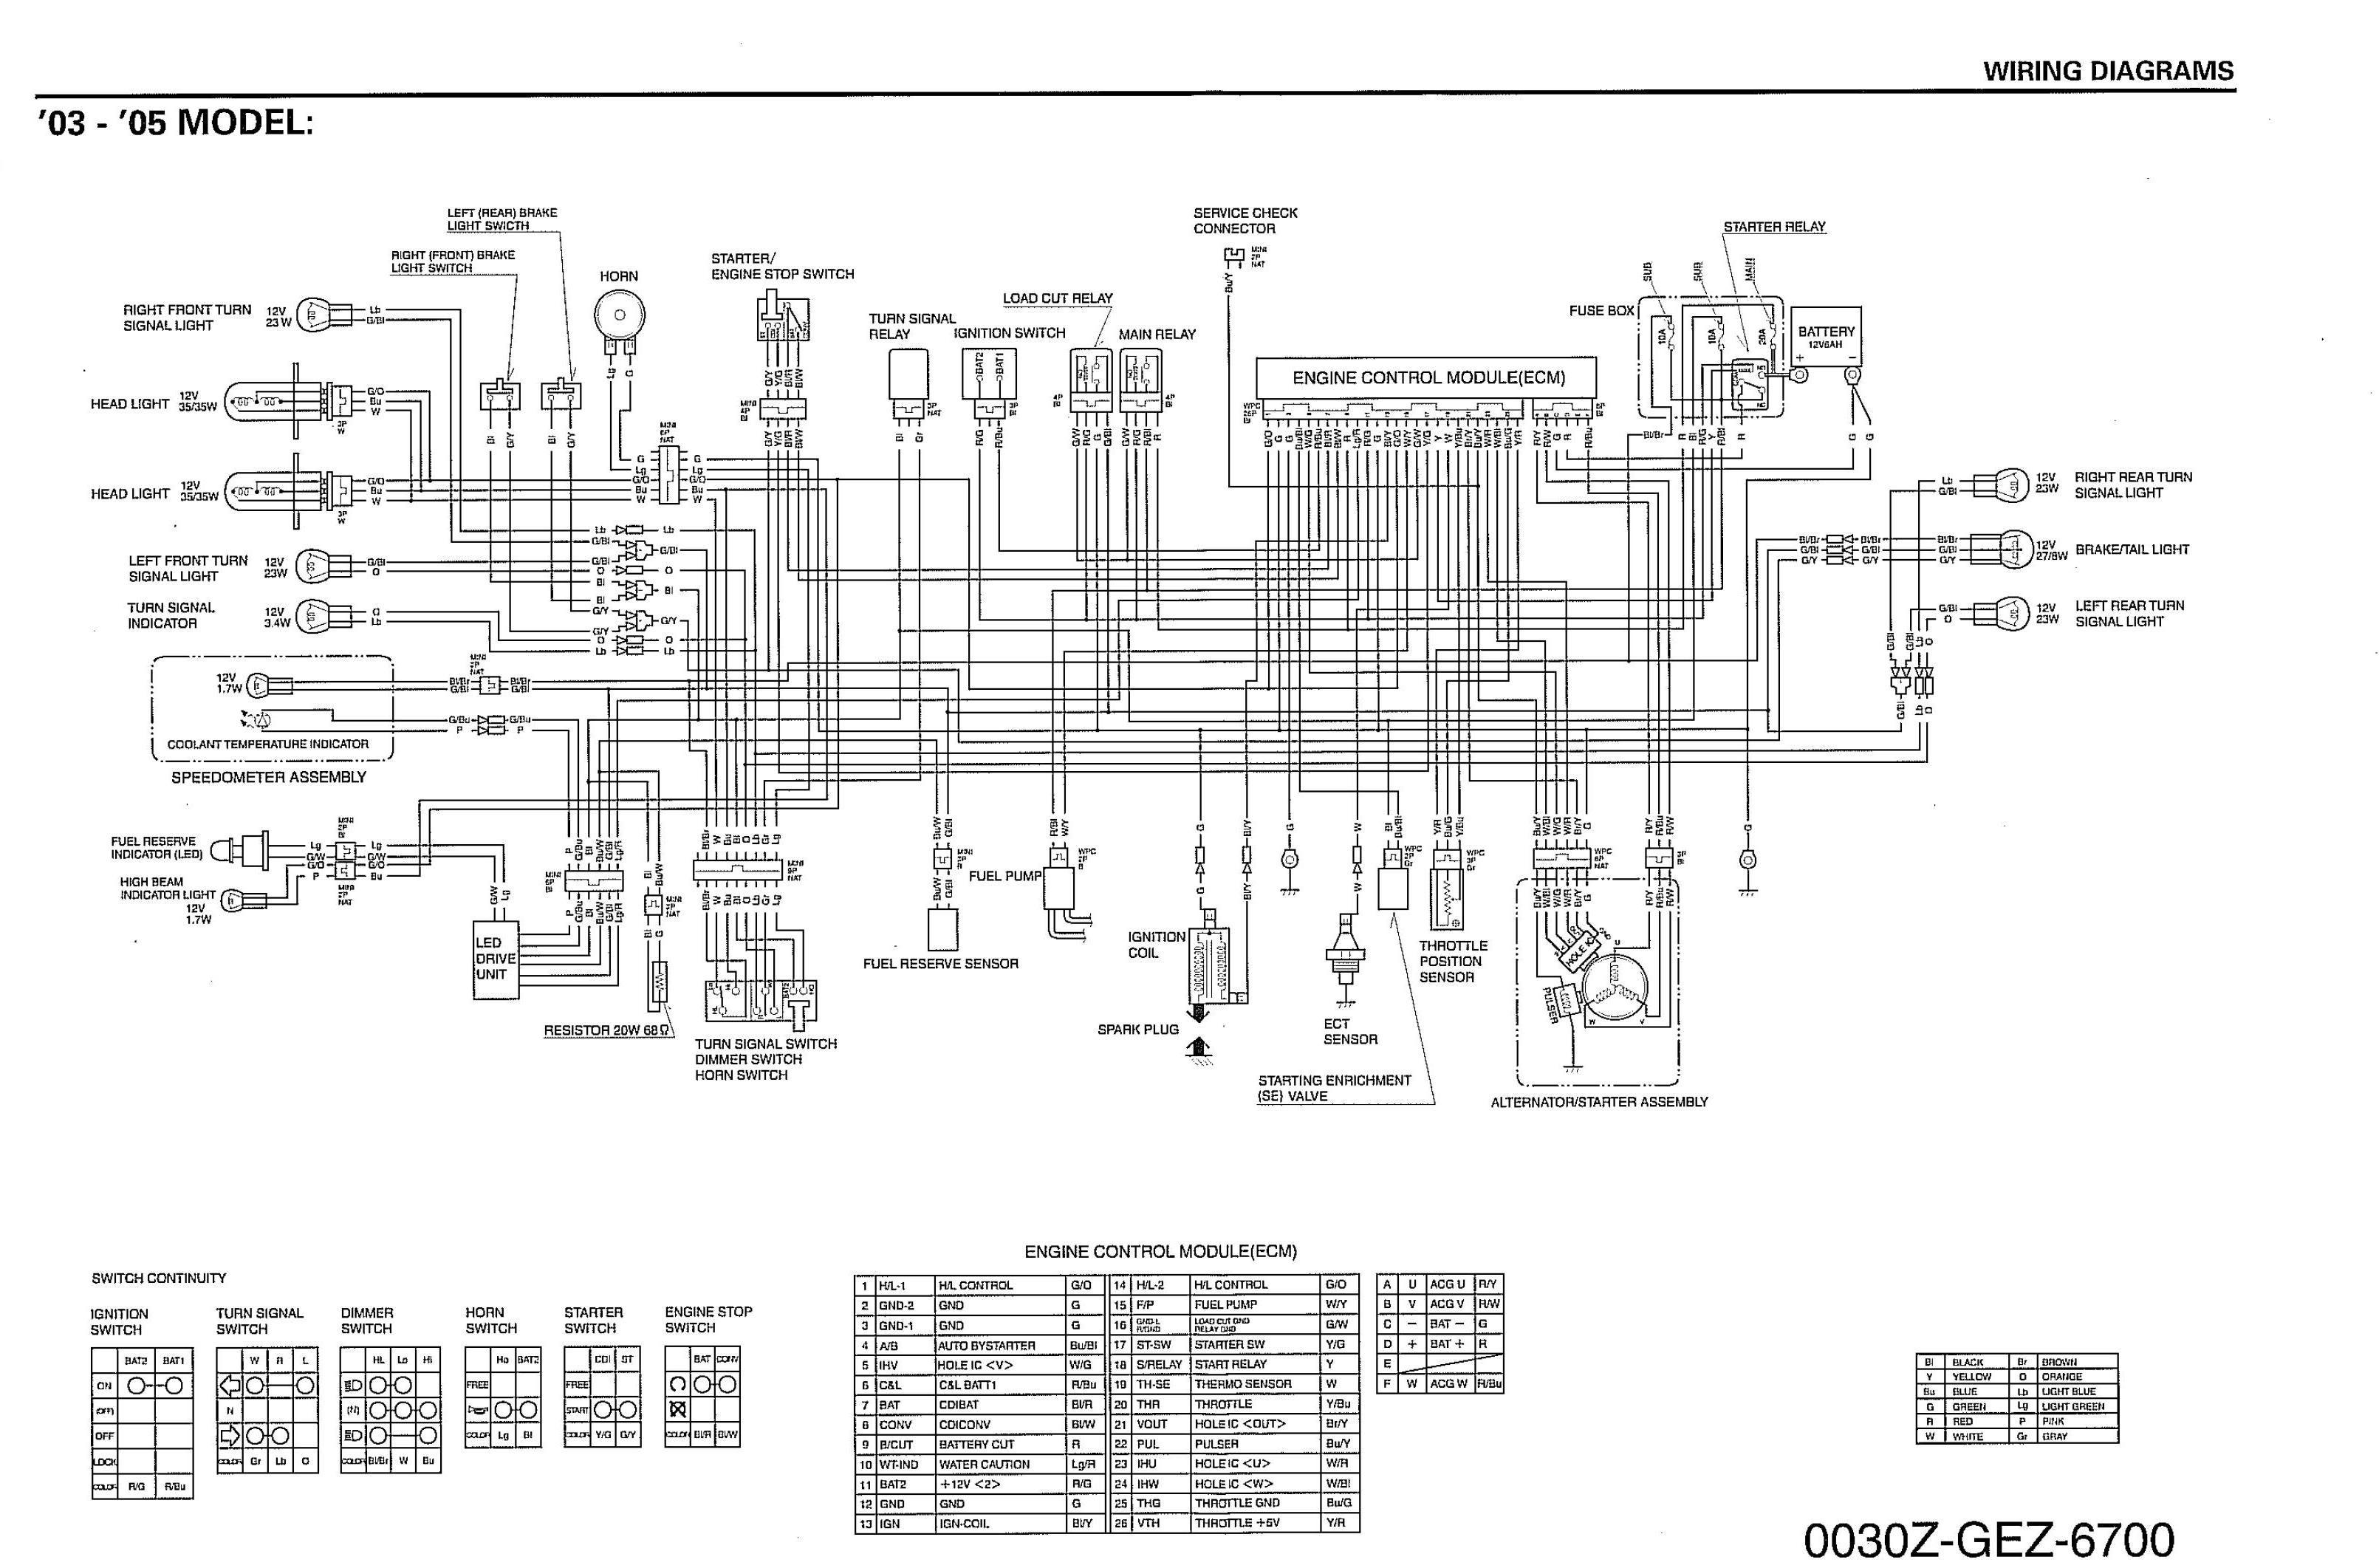 2008 impala key fuse